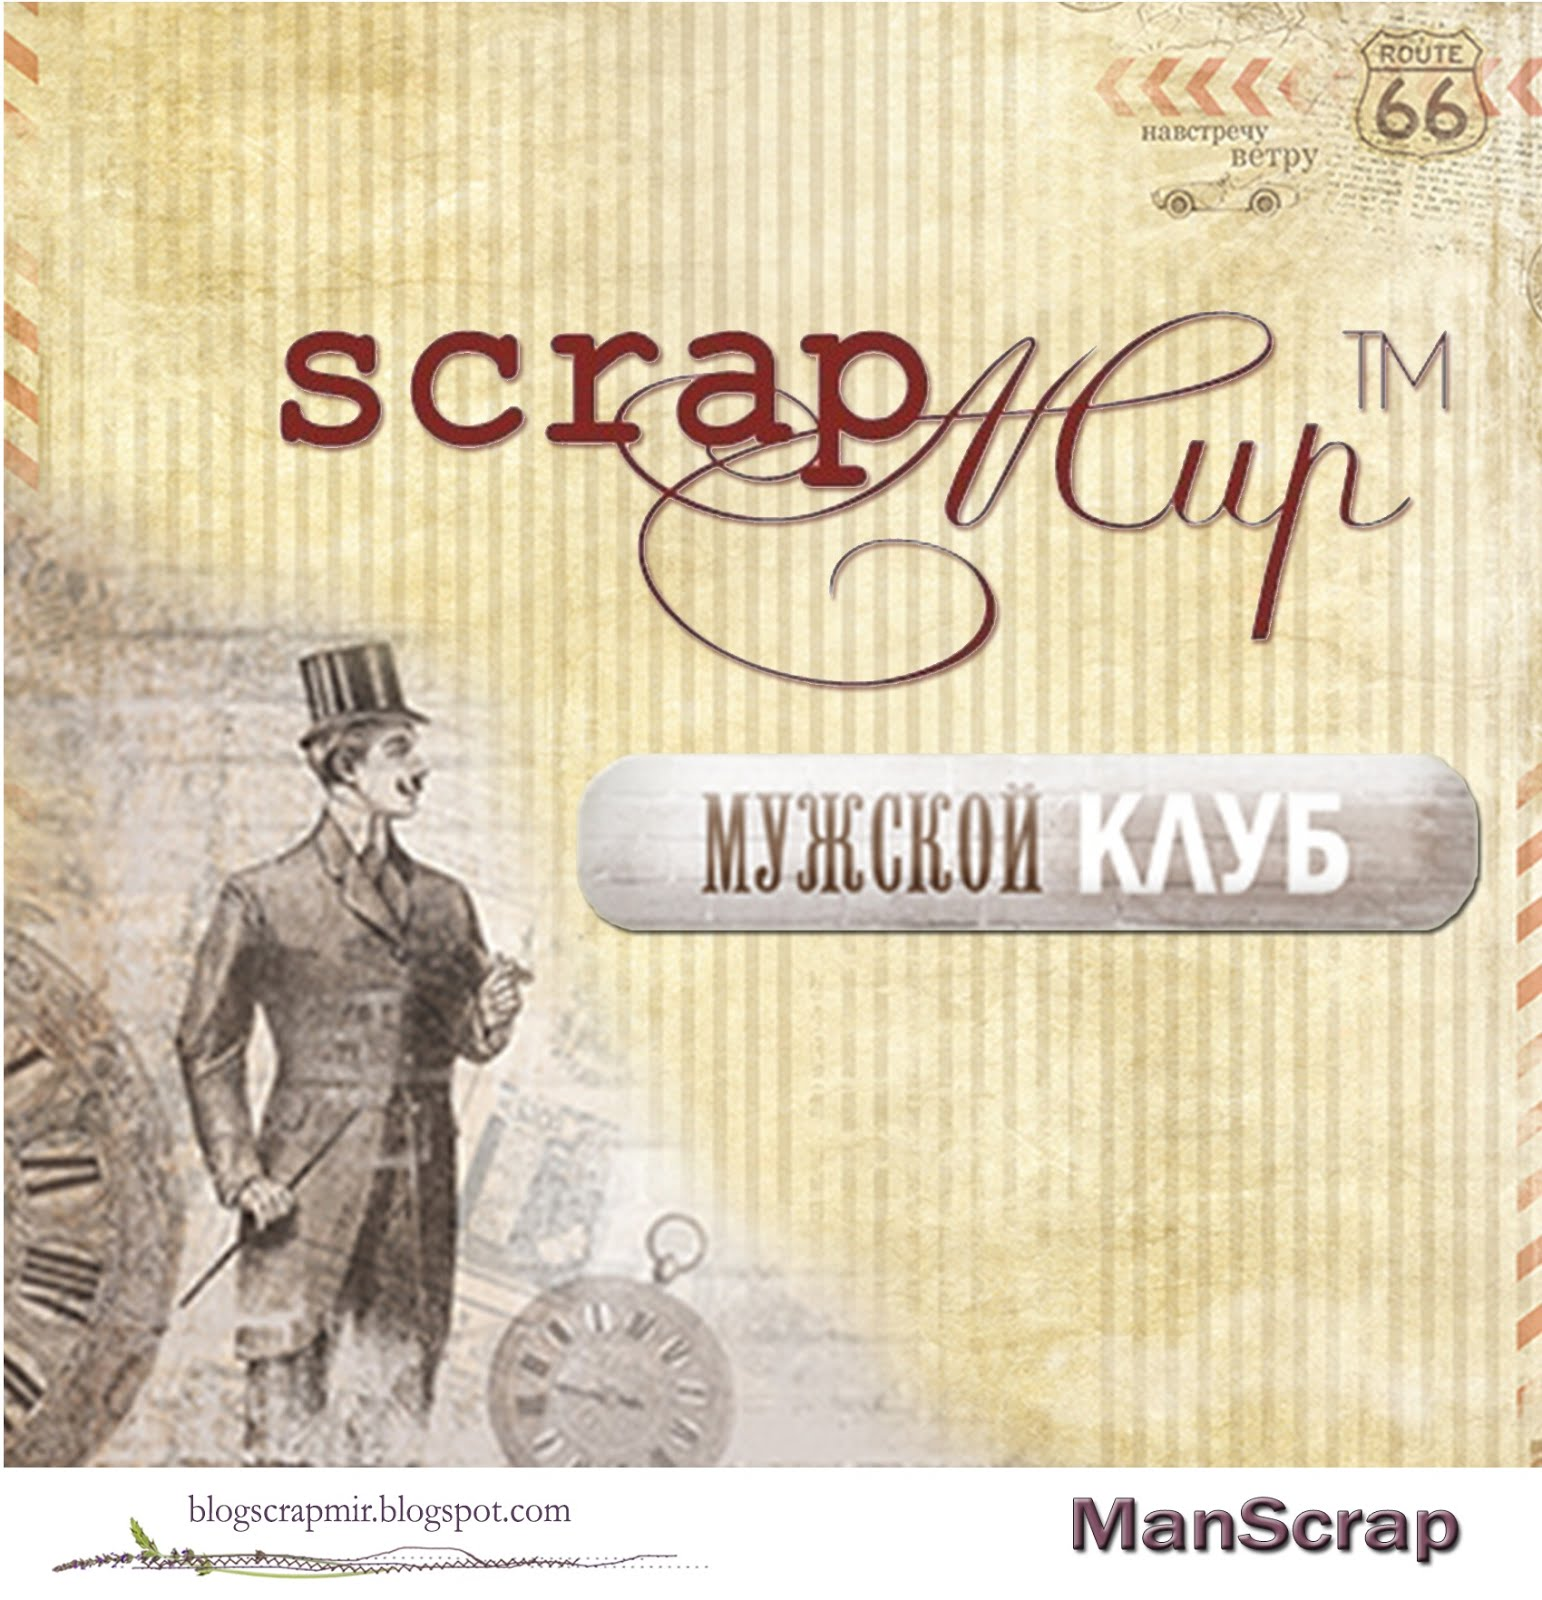 http://blogscrapmir.blogspot.ru/p/manscrap.html